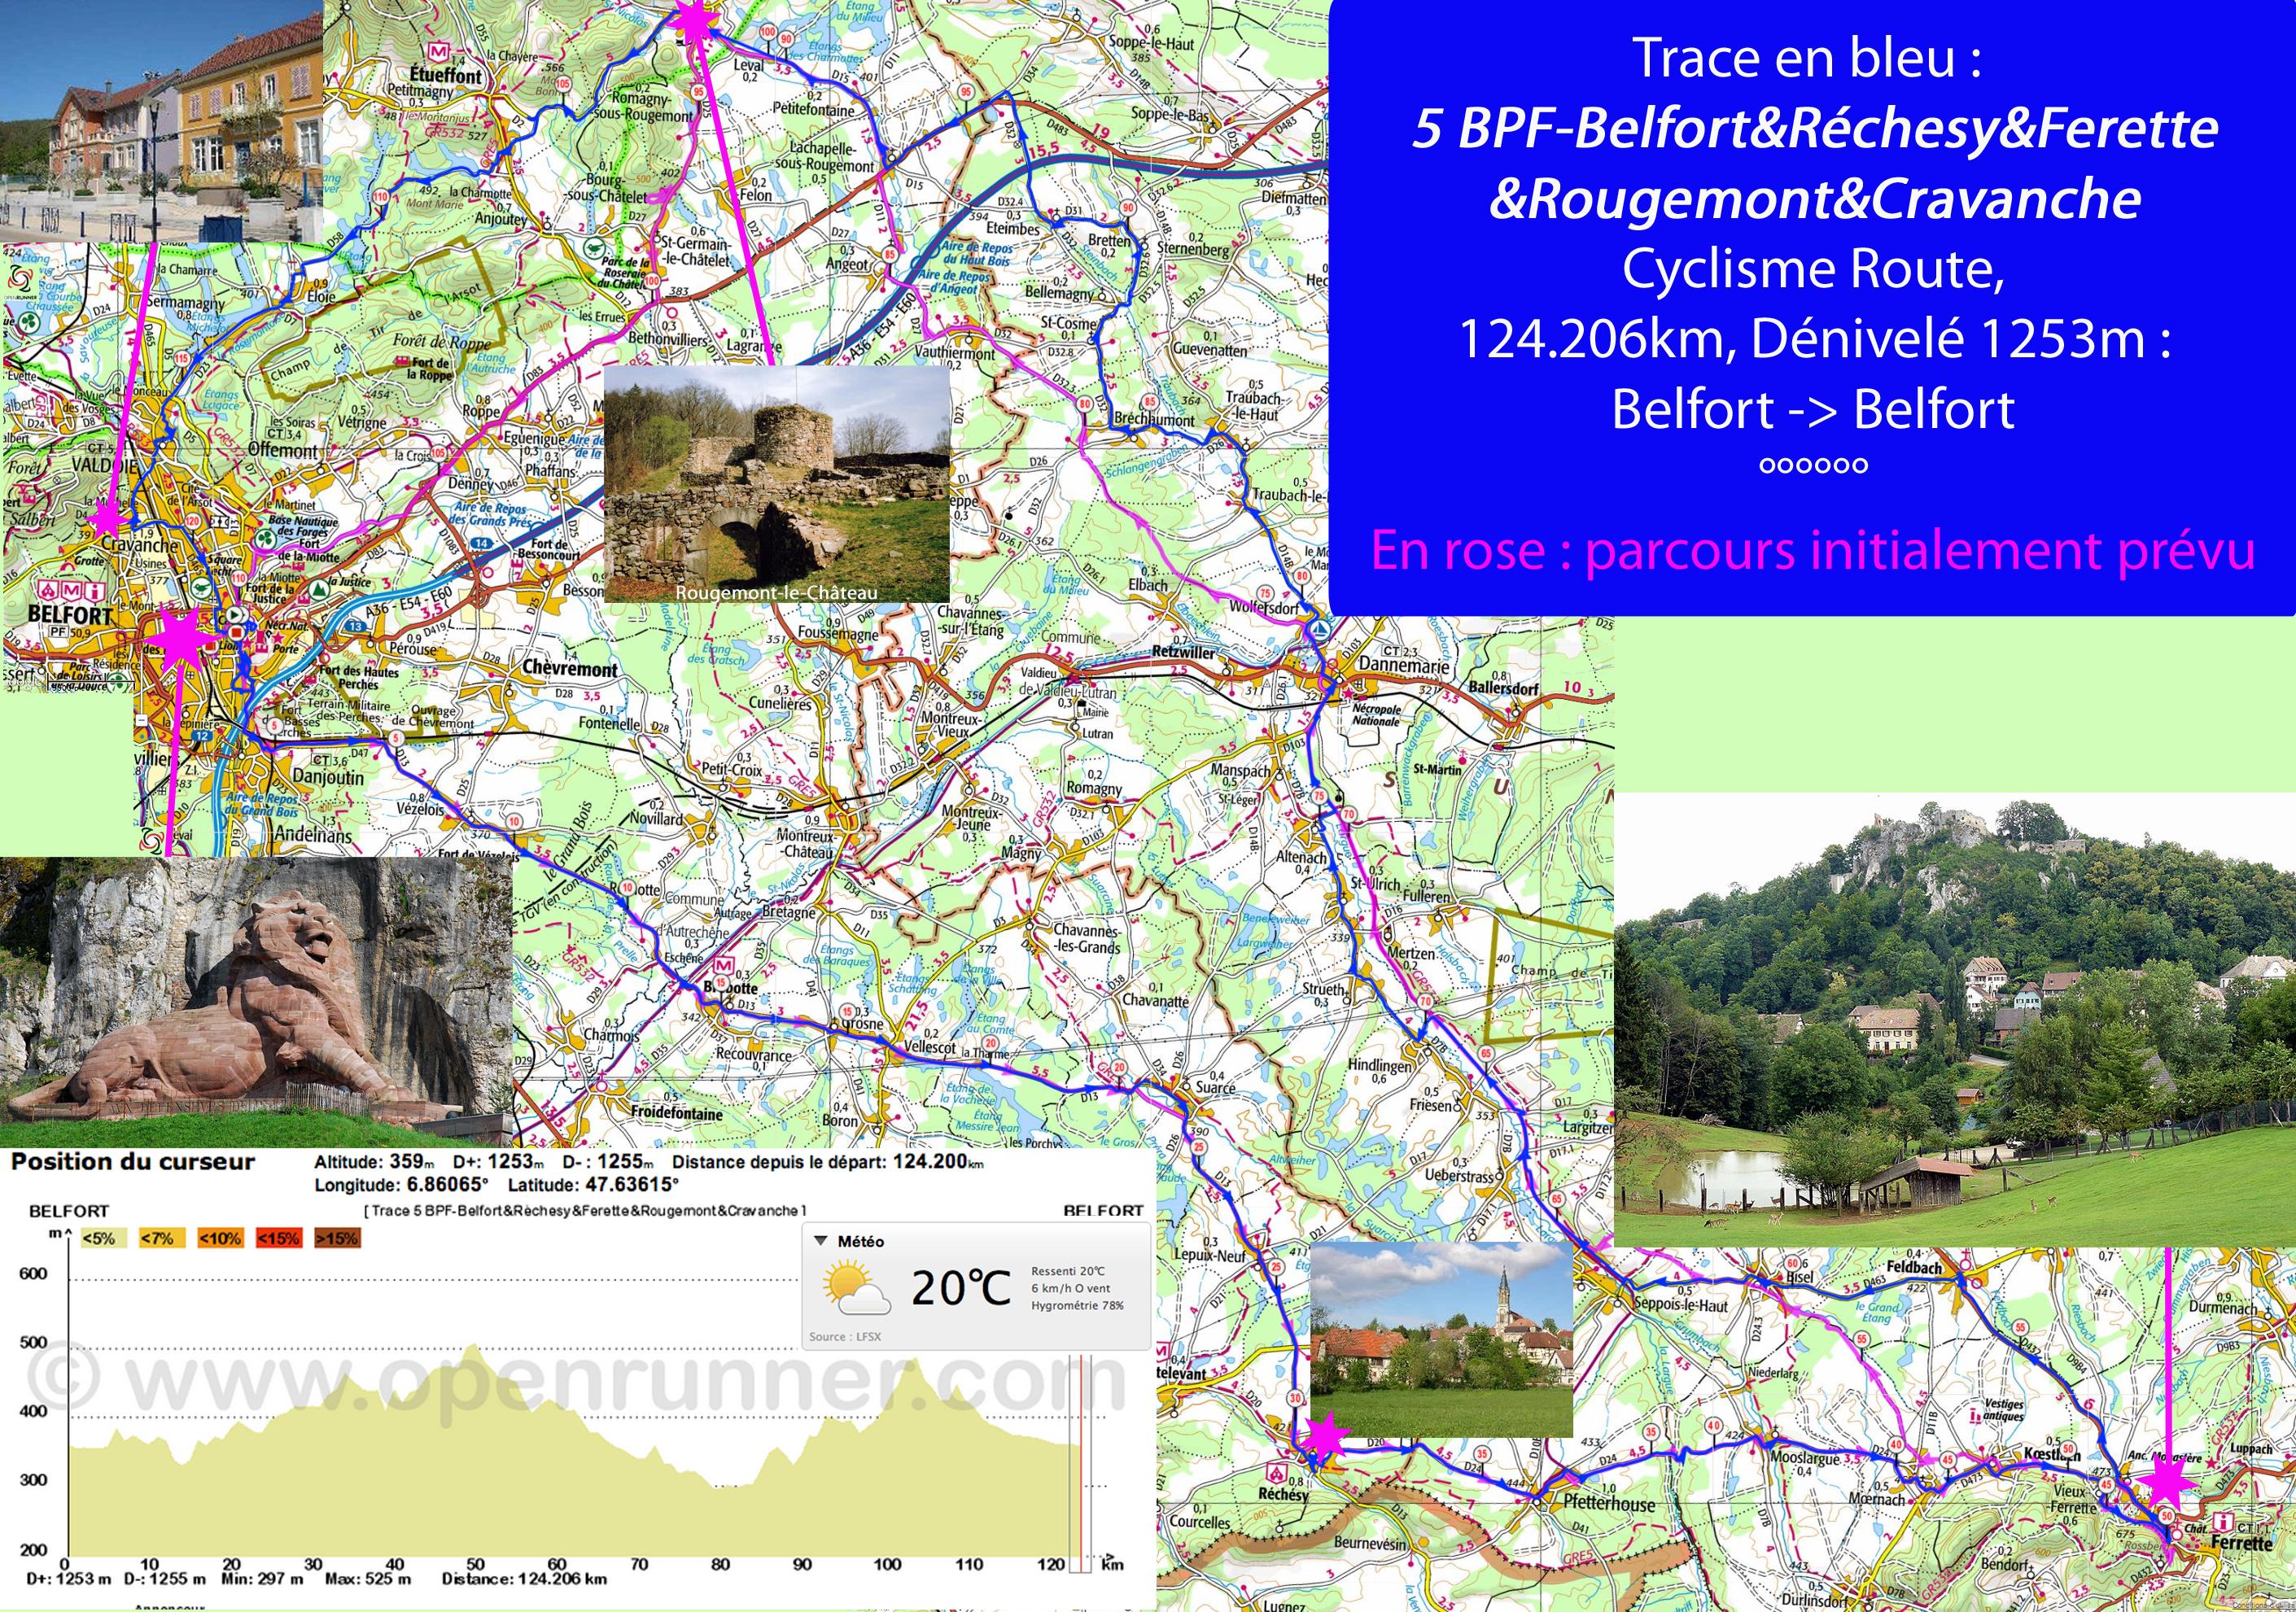 5 BPF-Belfort&Réchesy&Ferette&Rougemont&Cravanche